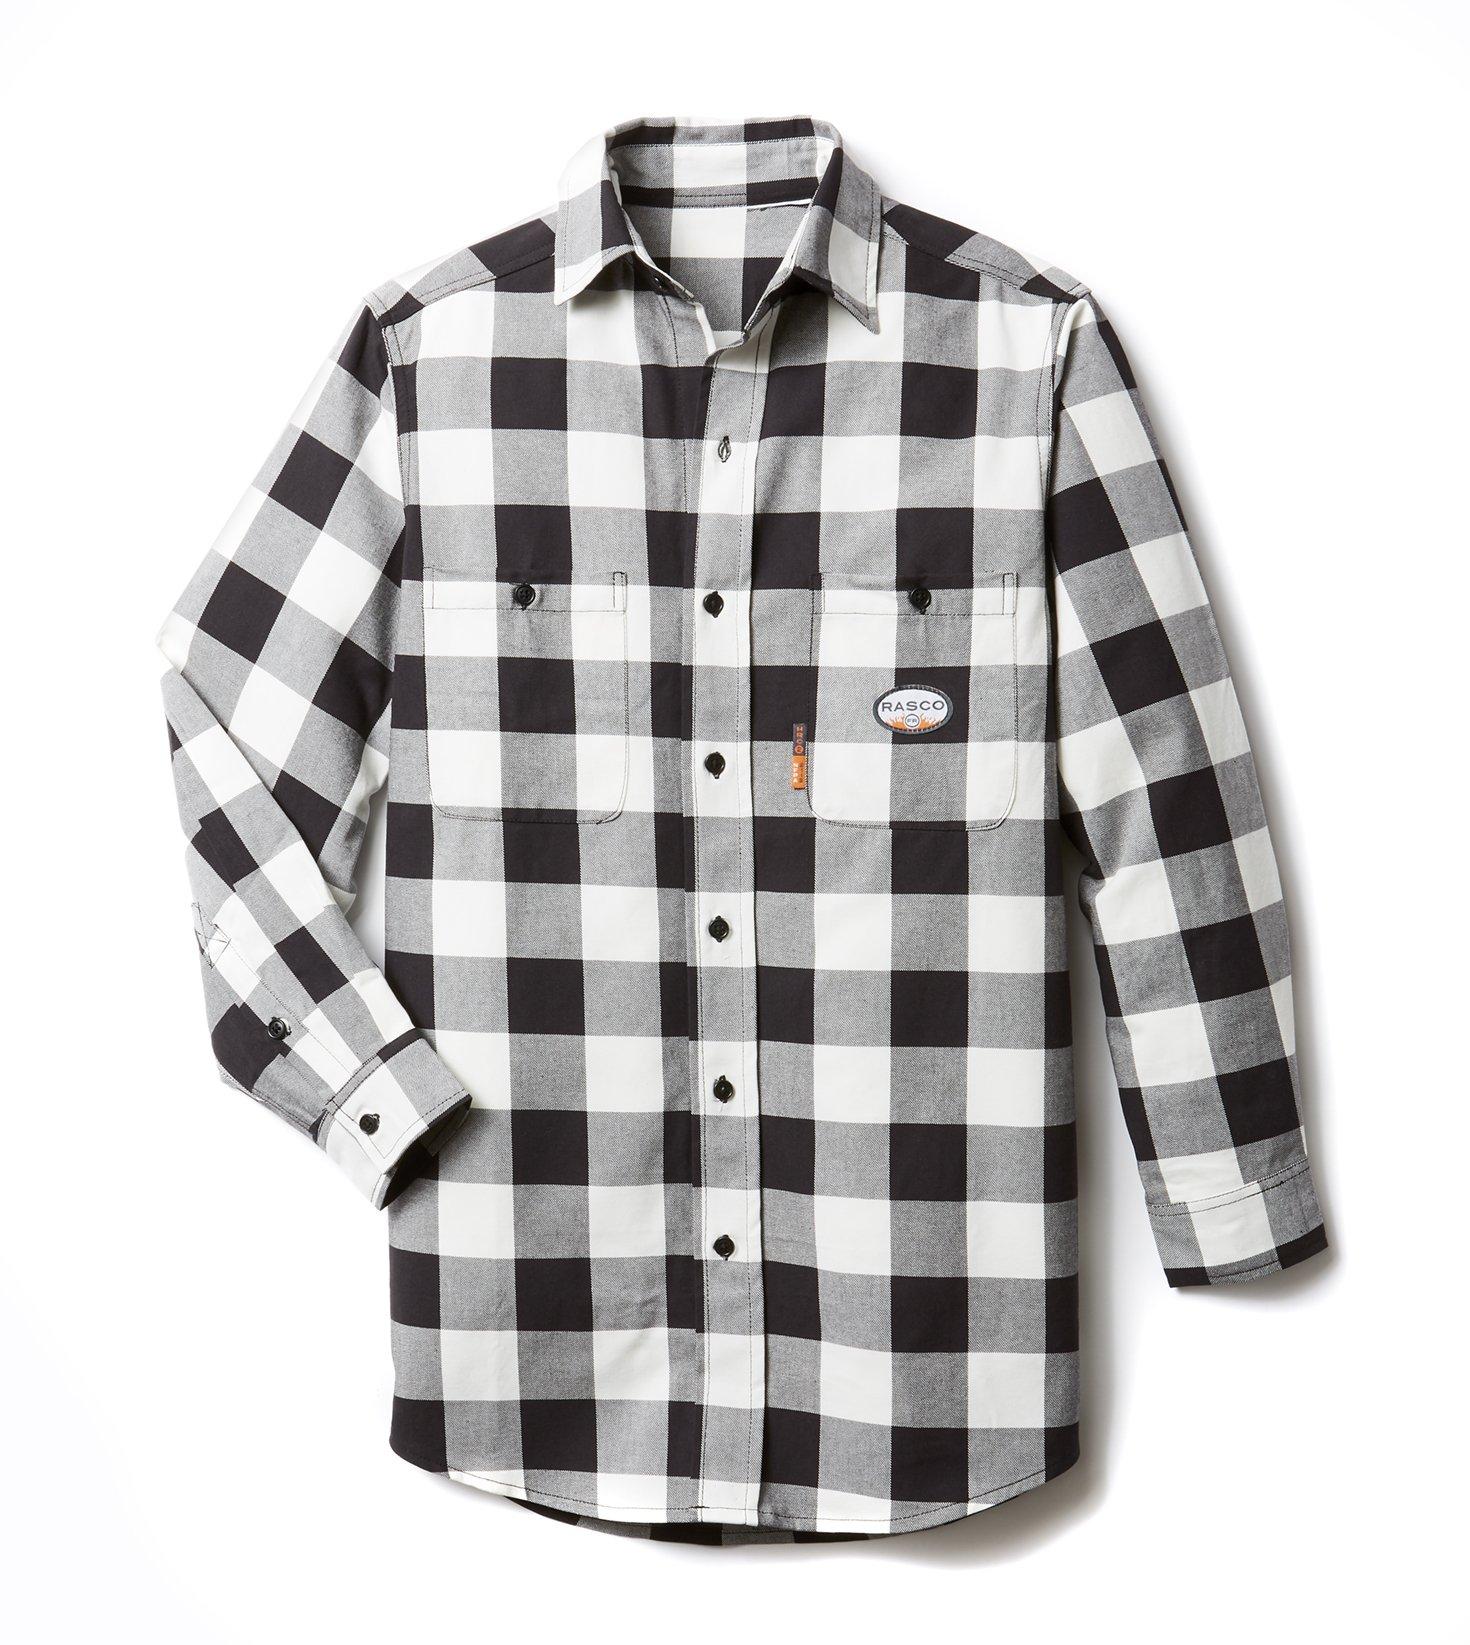 Rasco FR Dress Shirts - Black/White Plaid (Medium-reg)